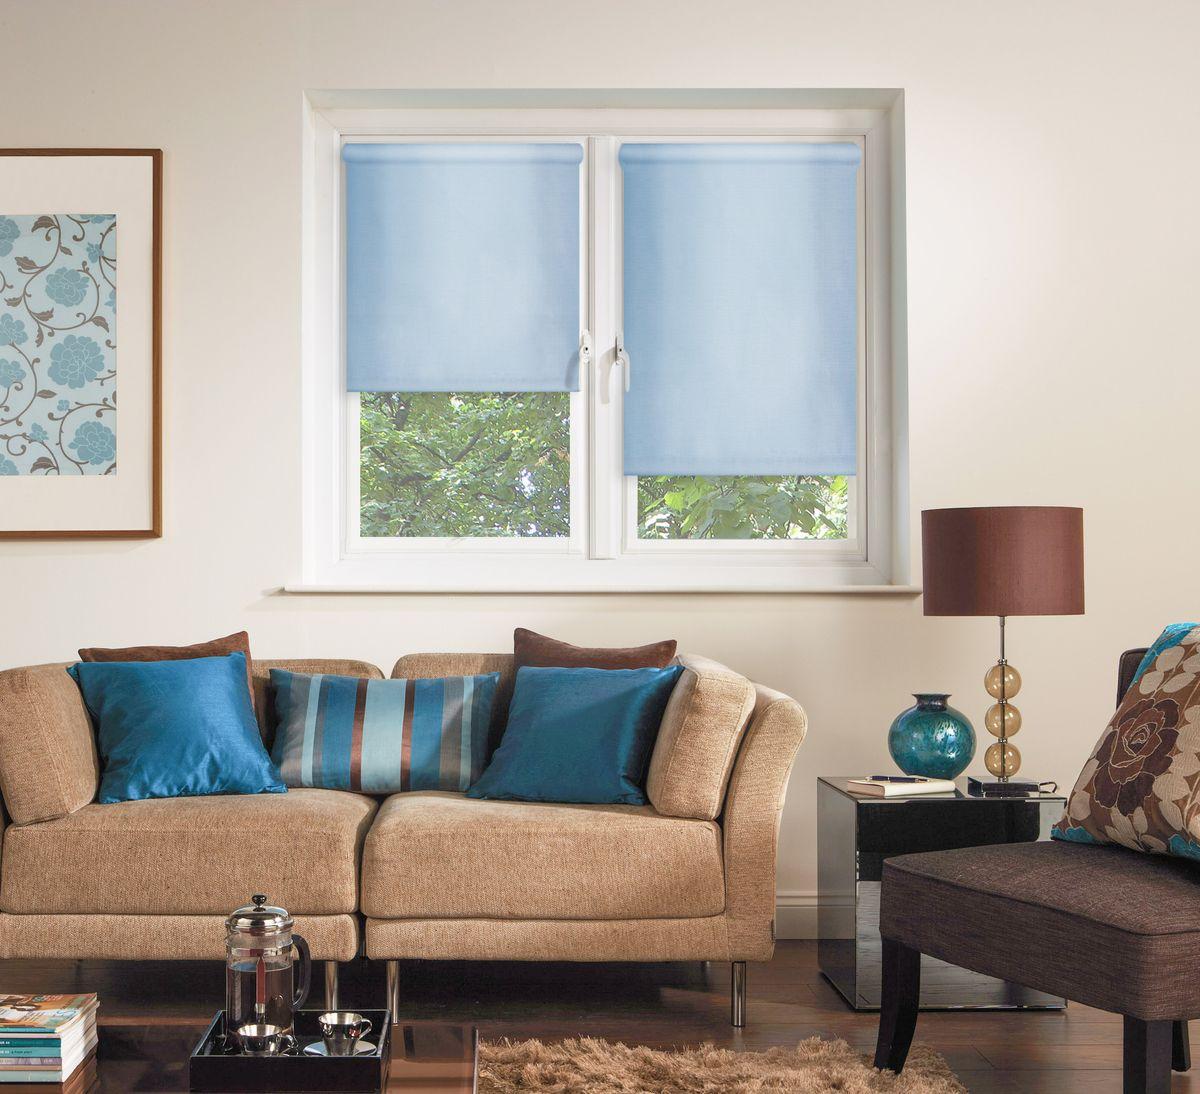 Штора рулонная Эскар Миниролло, цвет: голубой, ширина 68 см, высота 170 см31005068170Рулонная штора Эскар Миниролло выполнена из высокопрочной ткани, которая сохраняет свой размер даже при намокании. Ткань не выцветает и обладает отличной цветоустойчивостью. Миниролло - это подвид рулонных штор, который закрывает не весь оконный проем, а непосредственно само стекло. Такие шторы крепятся на раму без сверления при помощи зажимов или клейкой двухсторонней ленты (в комплекте). Окно остается на гарантии, благодаря монтажу без сверления. Такая штора станет прекрасным элементом декора окна и гармонично впишется в интерьер любого помещения.